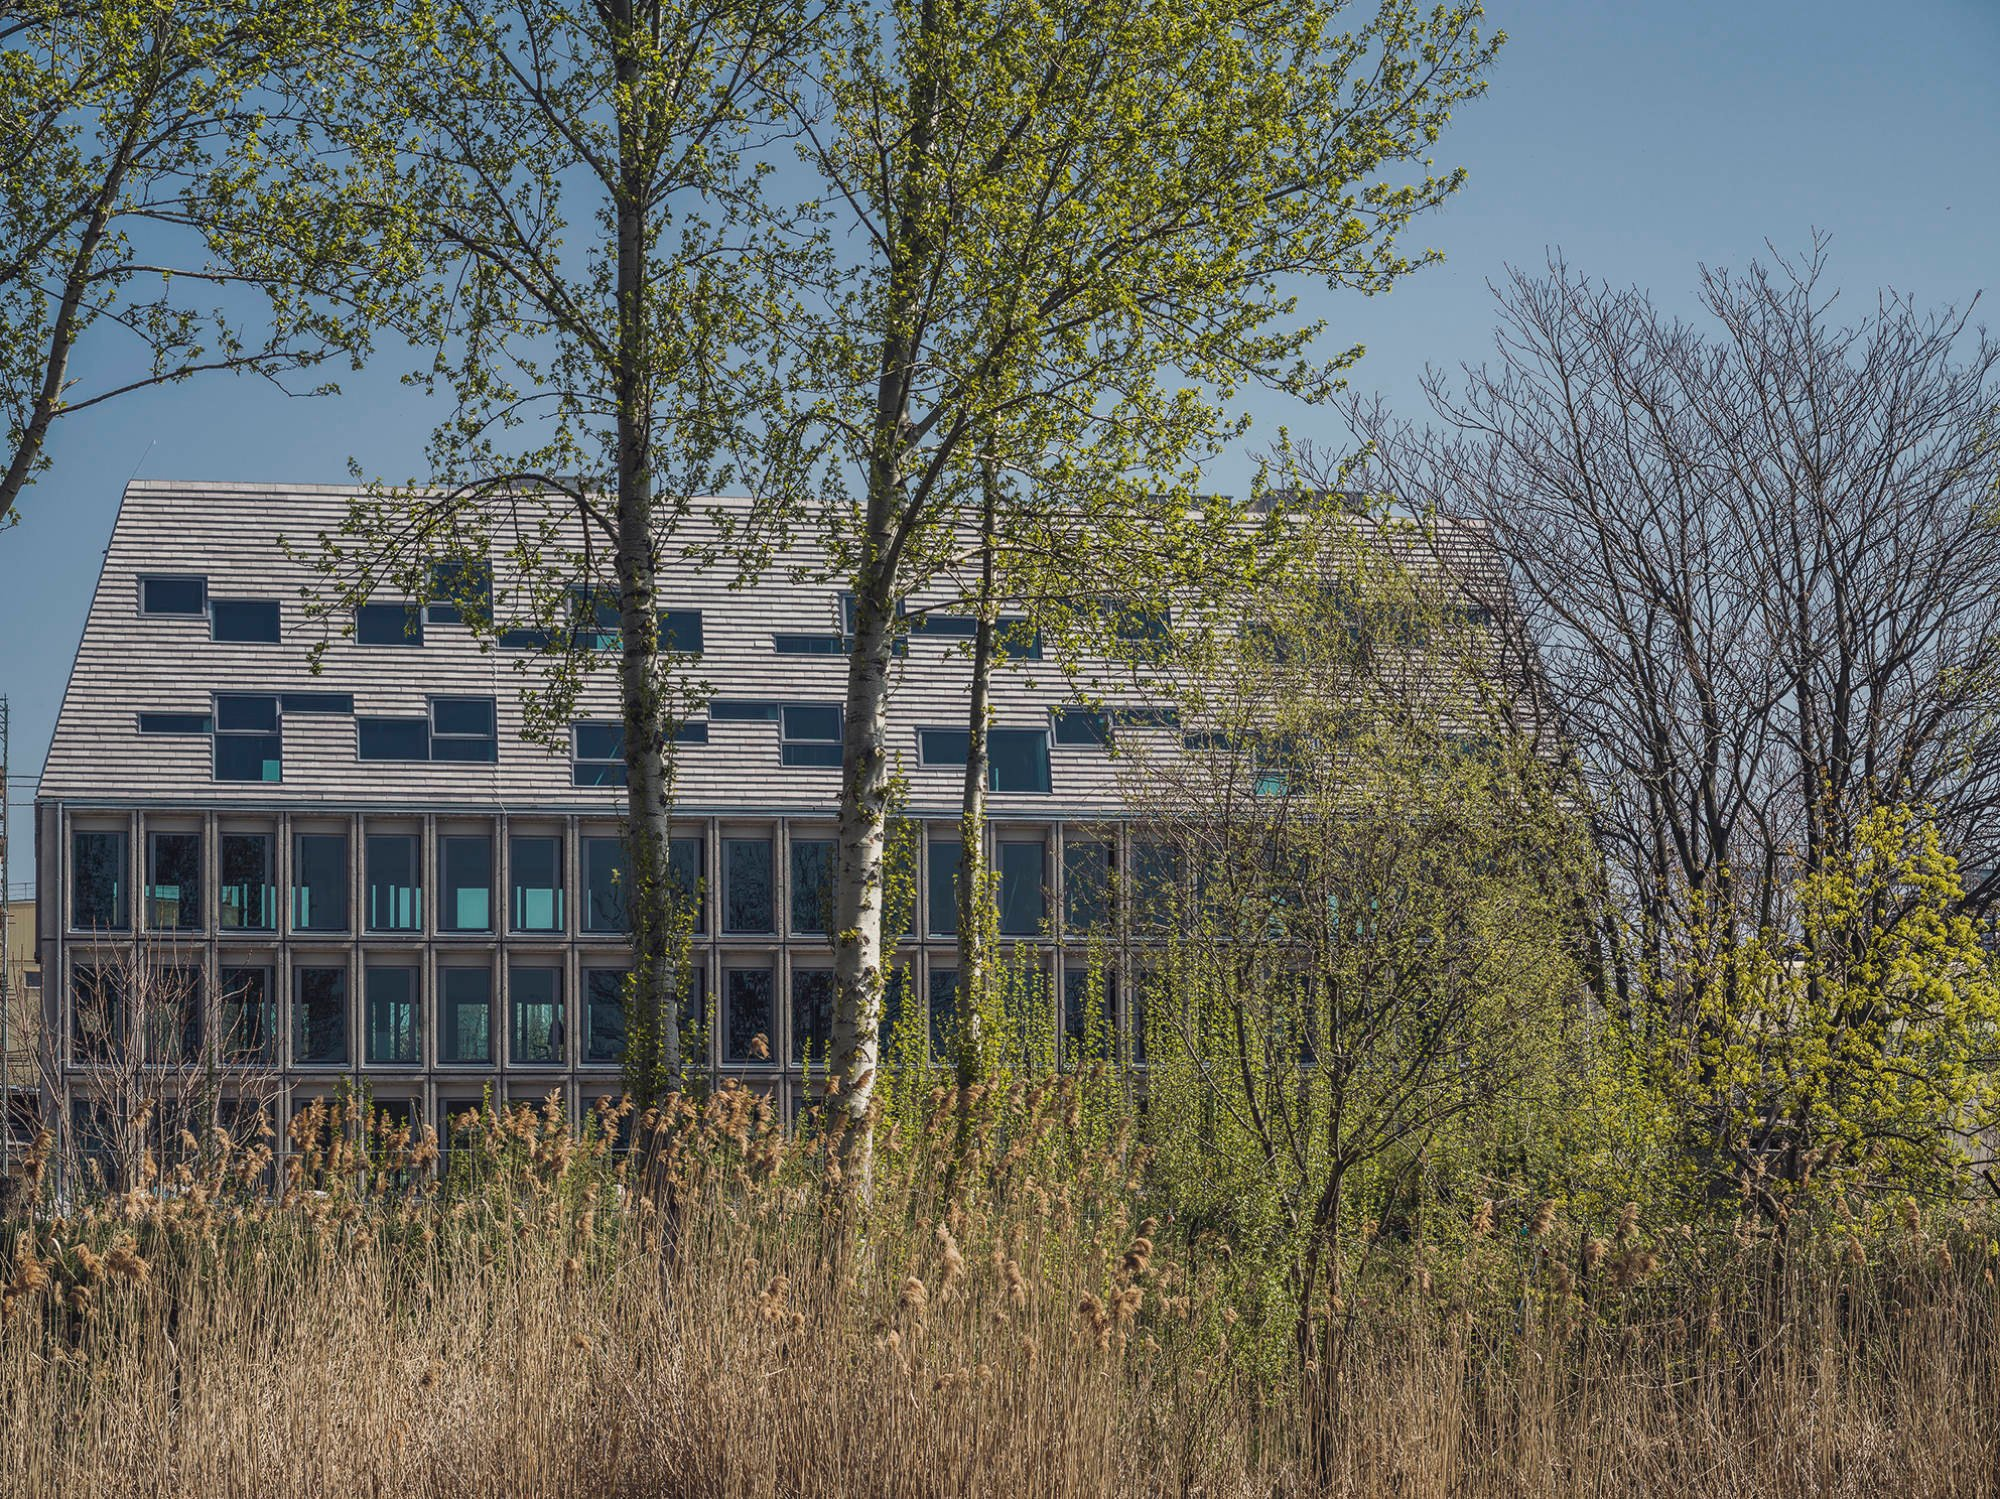 Das dritte und aktuelle Projekt von Slow ist Marina Marina in Berlin-Lichtenberg. Foto: Slow